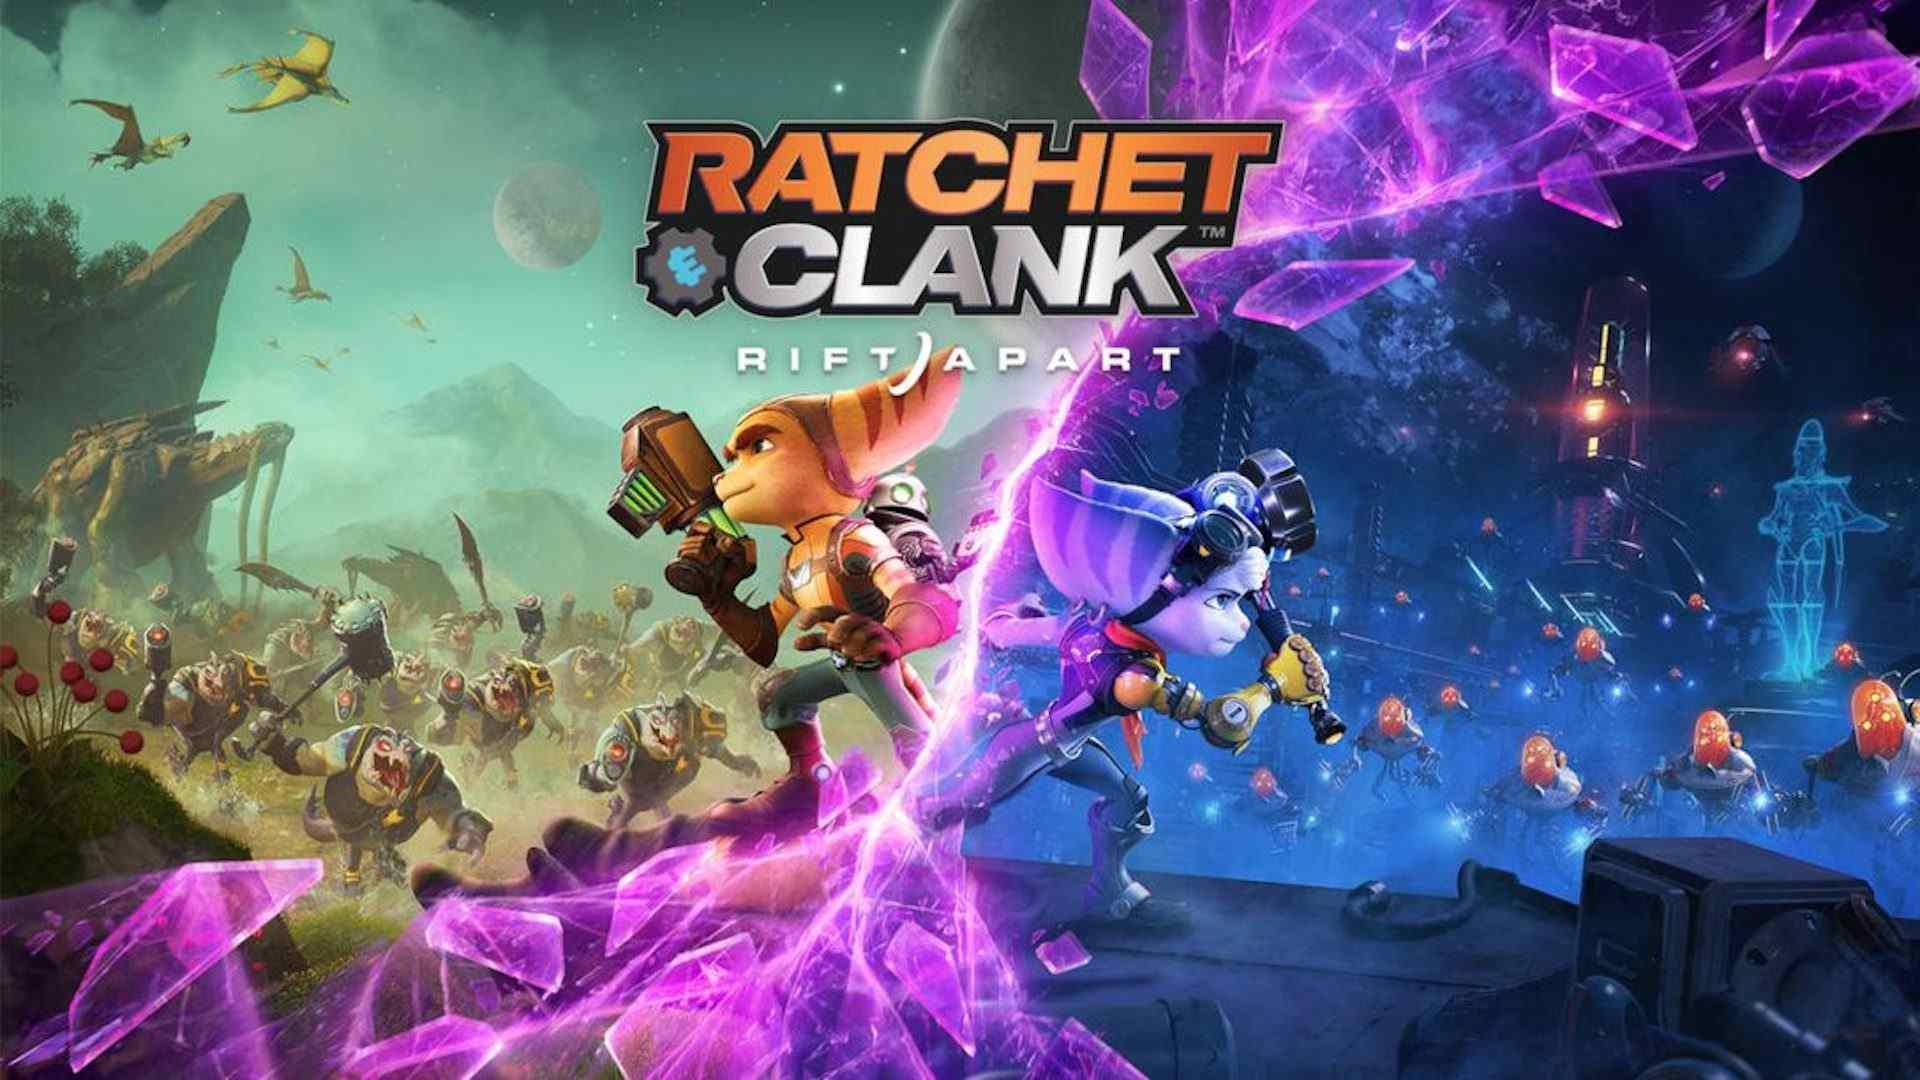 نقد و بررسی بازی Ratchet and Clank: Rift Apart؛ شکافی در زمان